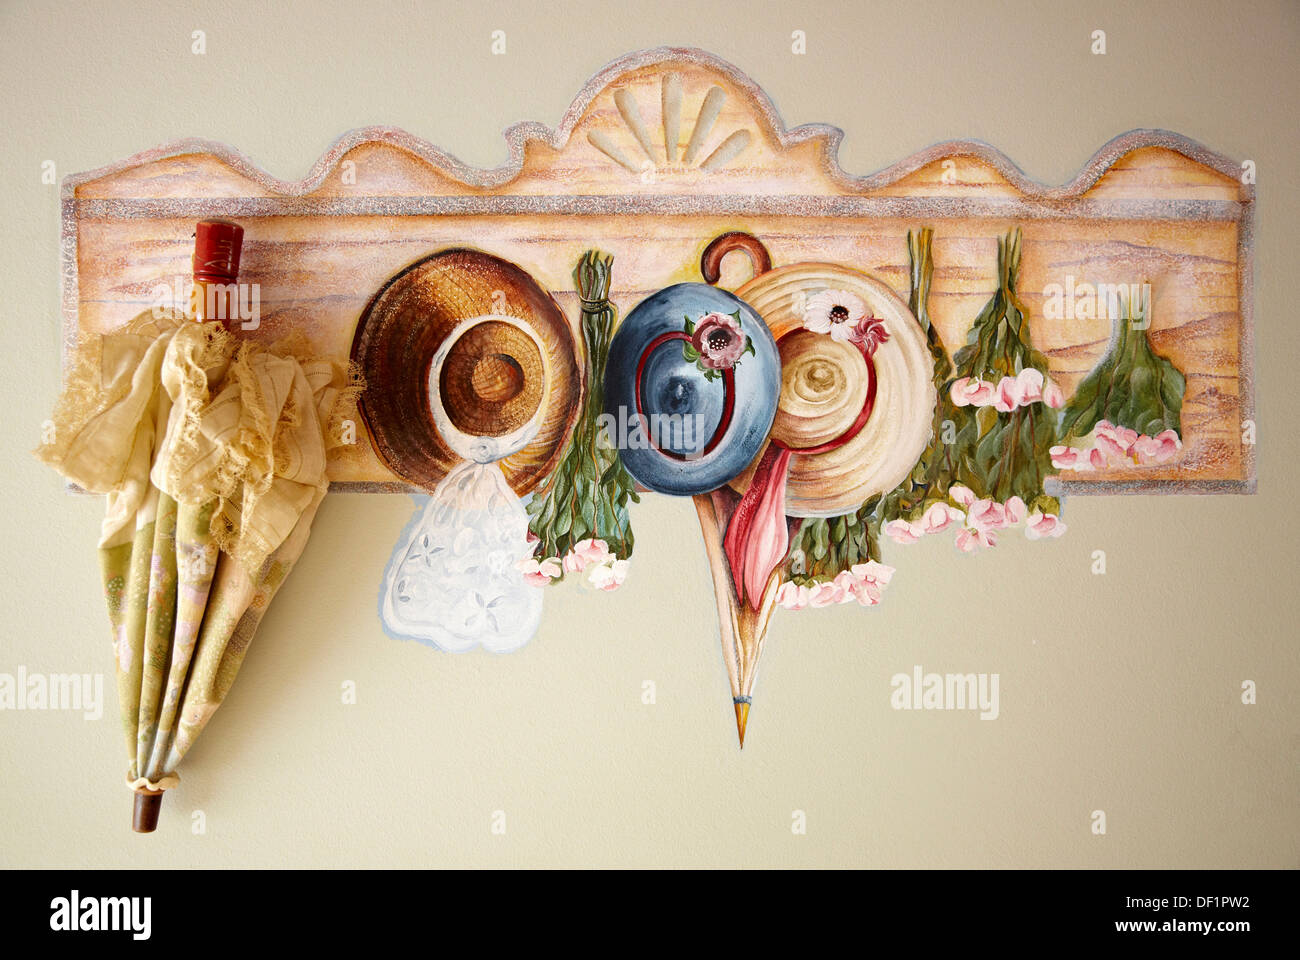 Hanger Stockfotos & Hanger Bilder - Alamy